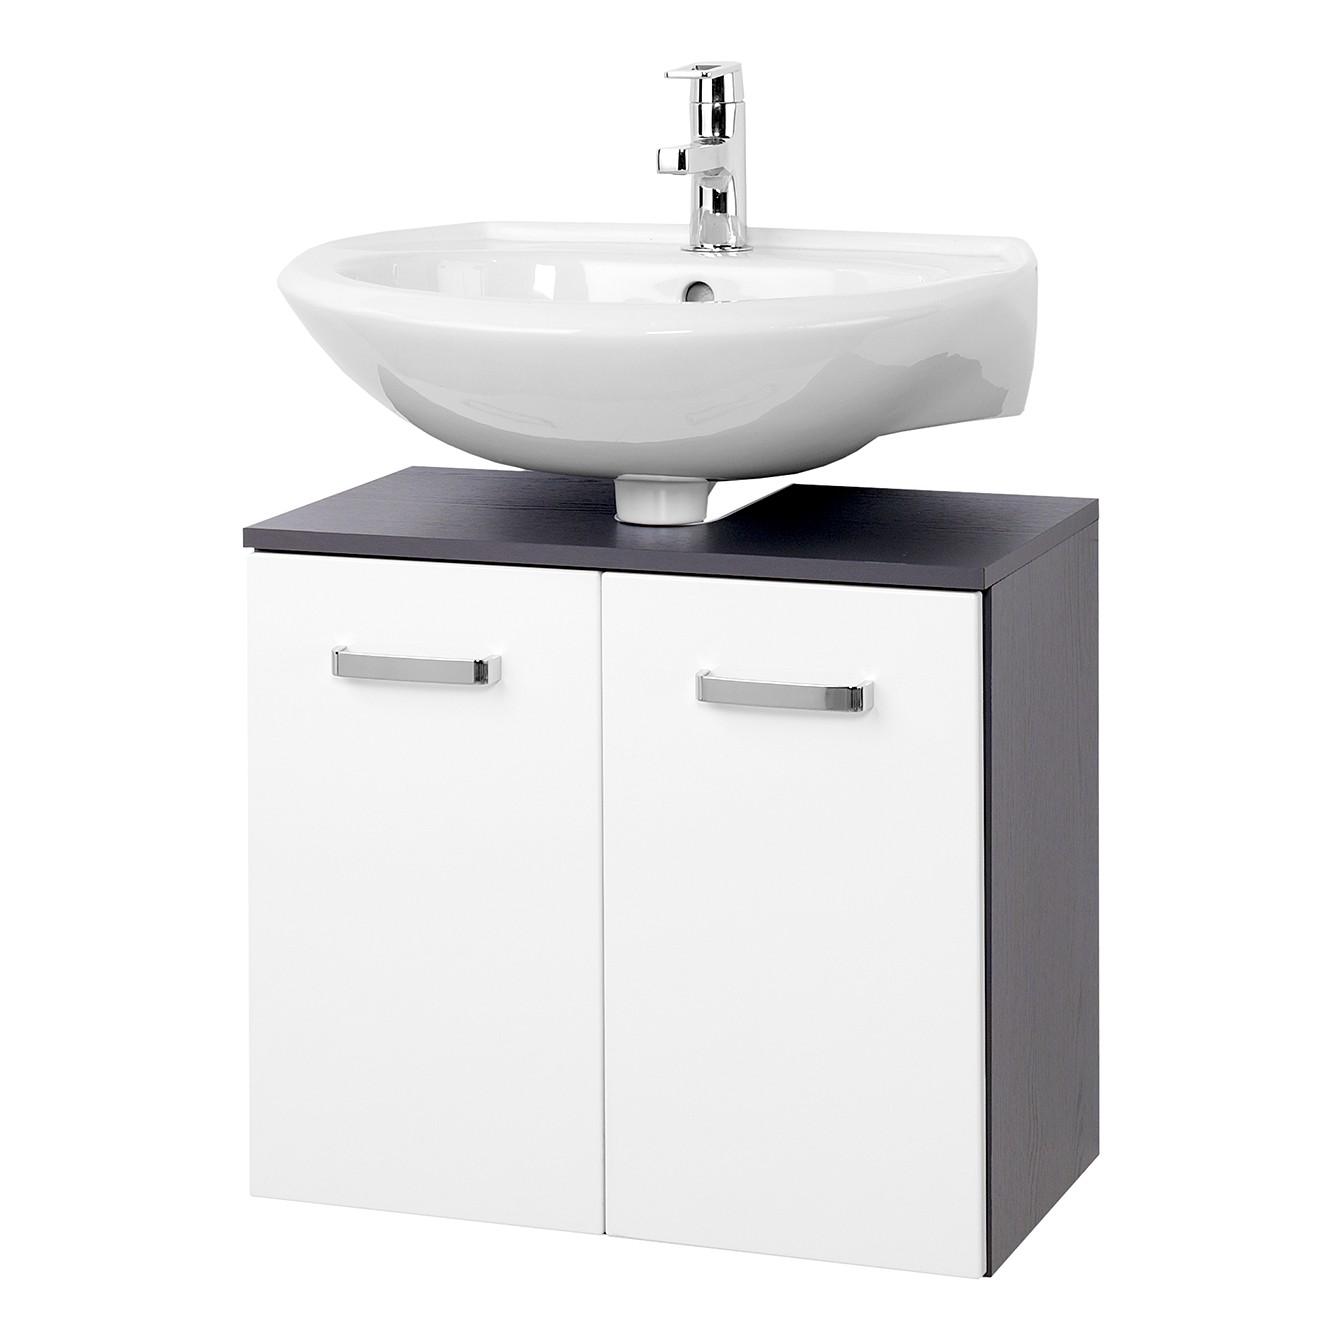 Armadietto da lavabo Zeehan I - Bianco/Grigio 60 cm, Giessbach